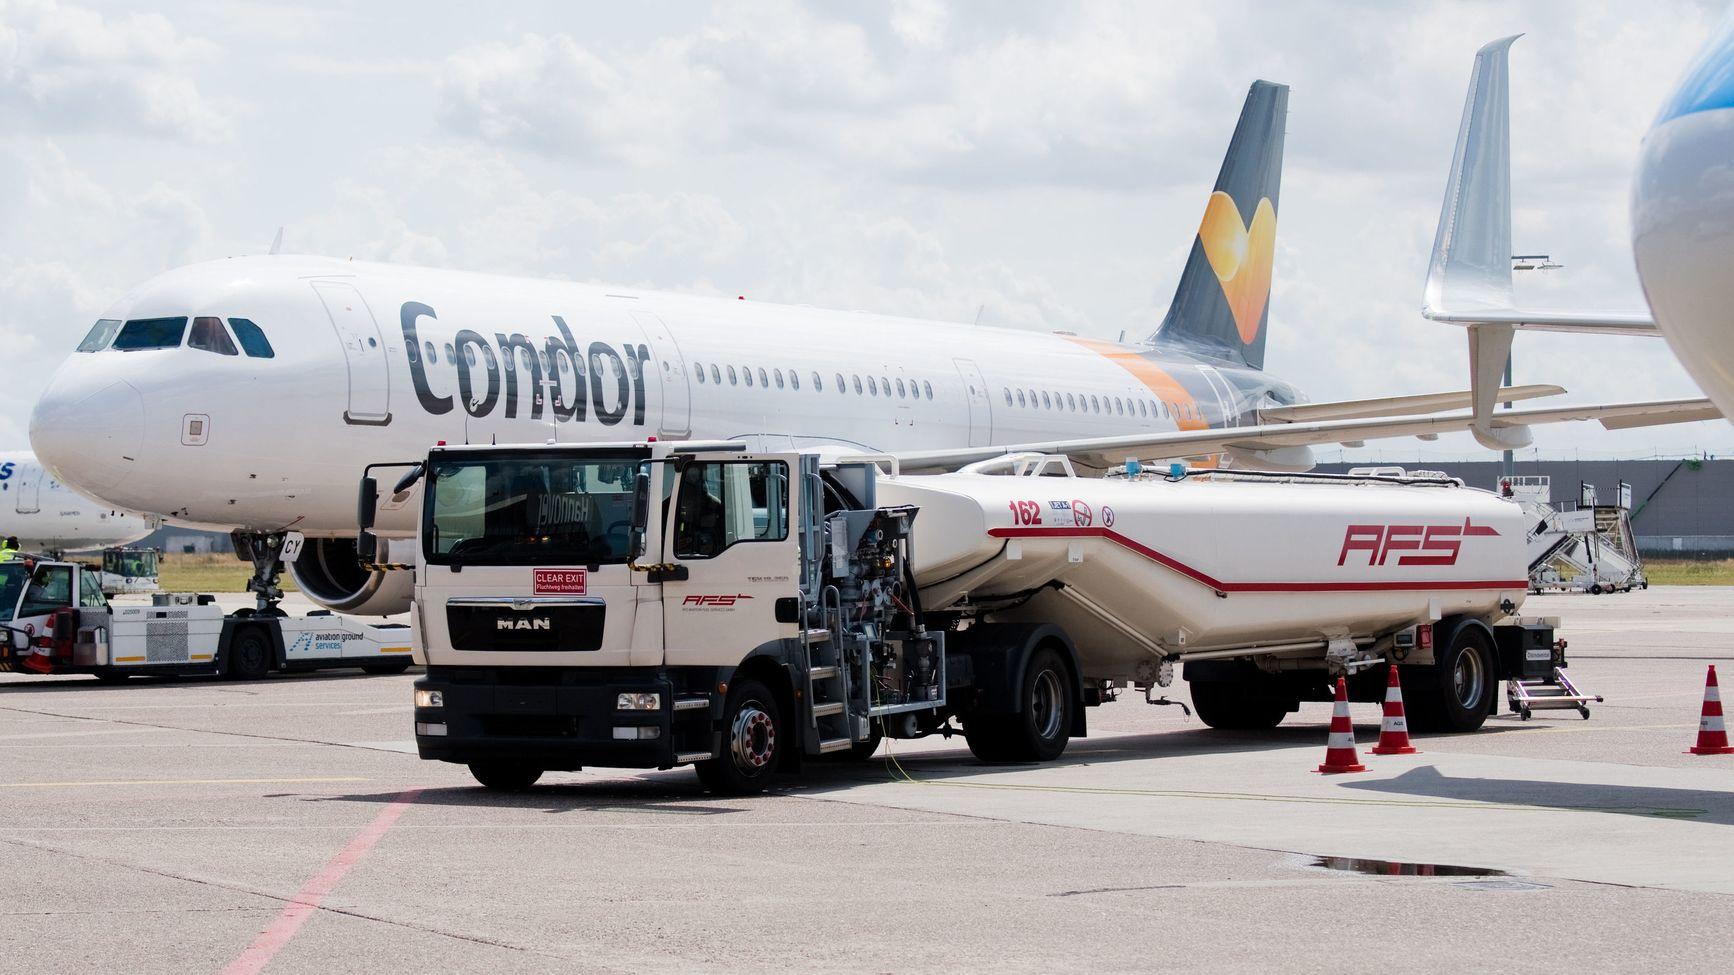 Ein Tankfahrzeug steht auf einem Flughafen in der Nähe eines Flugzeugs.